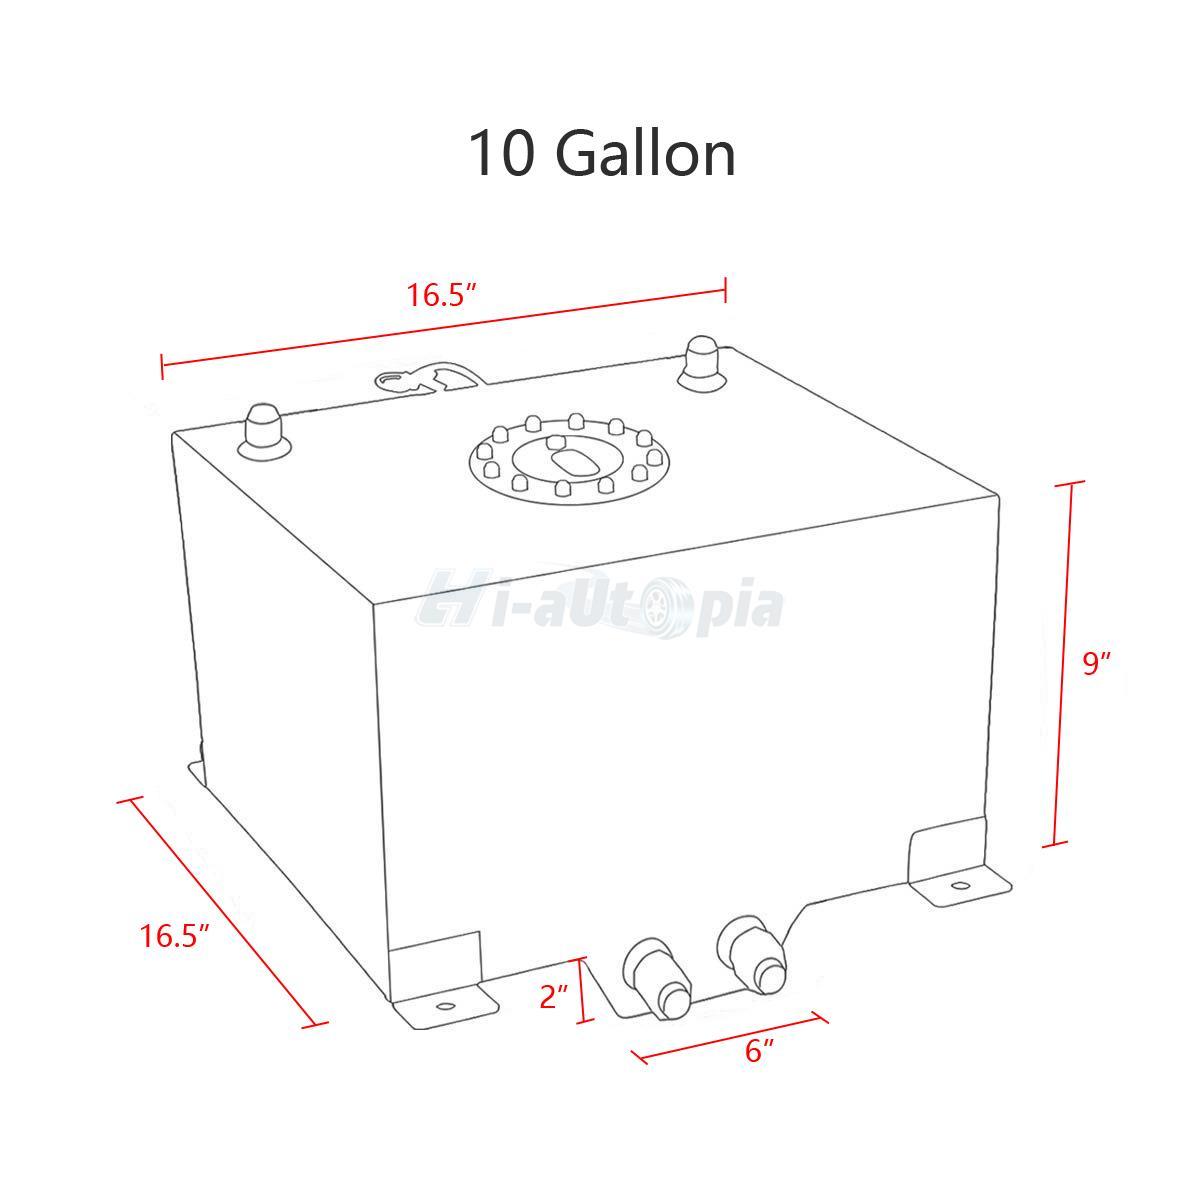 10 Gallon Lightweight Aluminum Race Drift Fuel Cell Tank